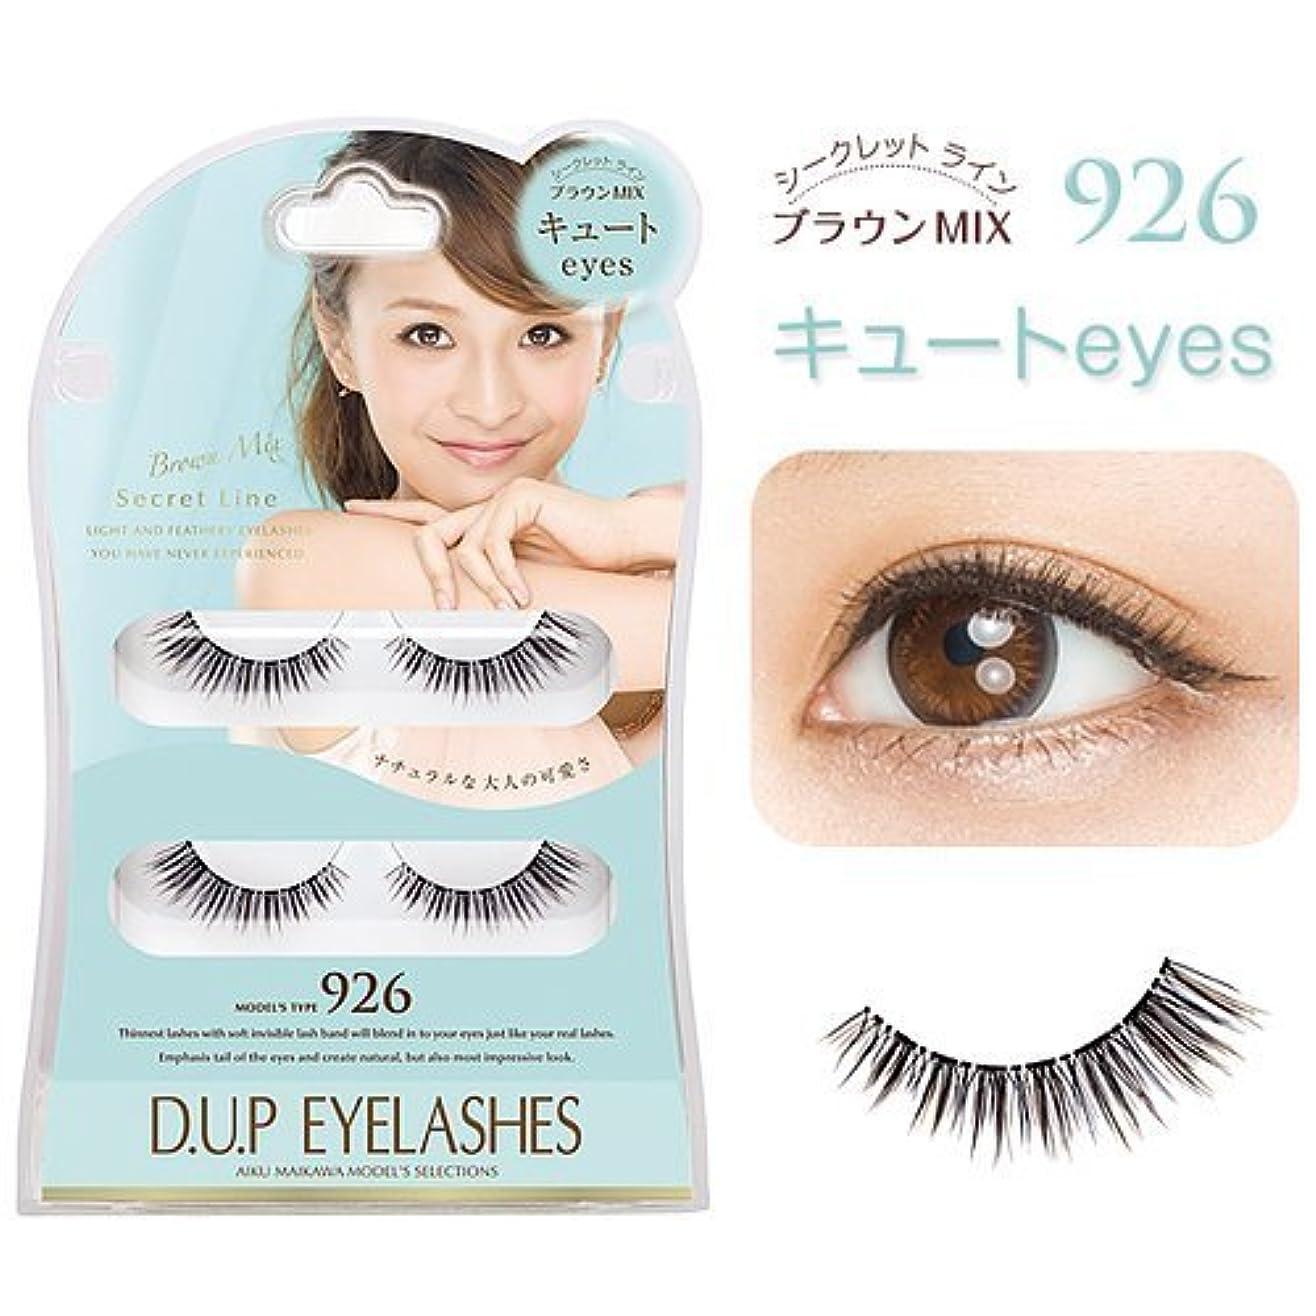 広告他の場所ポスターD-UP アイラッシュ 926キュートeyes (舞川あいくつけまつげ/シークレットライン ブラウンミックス)